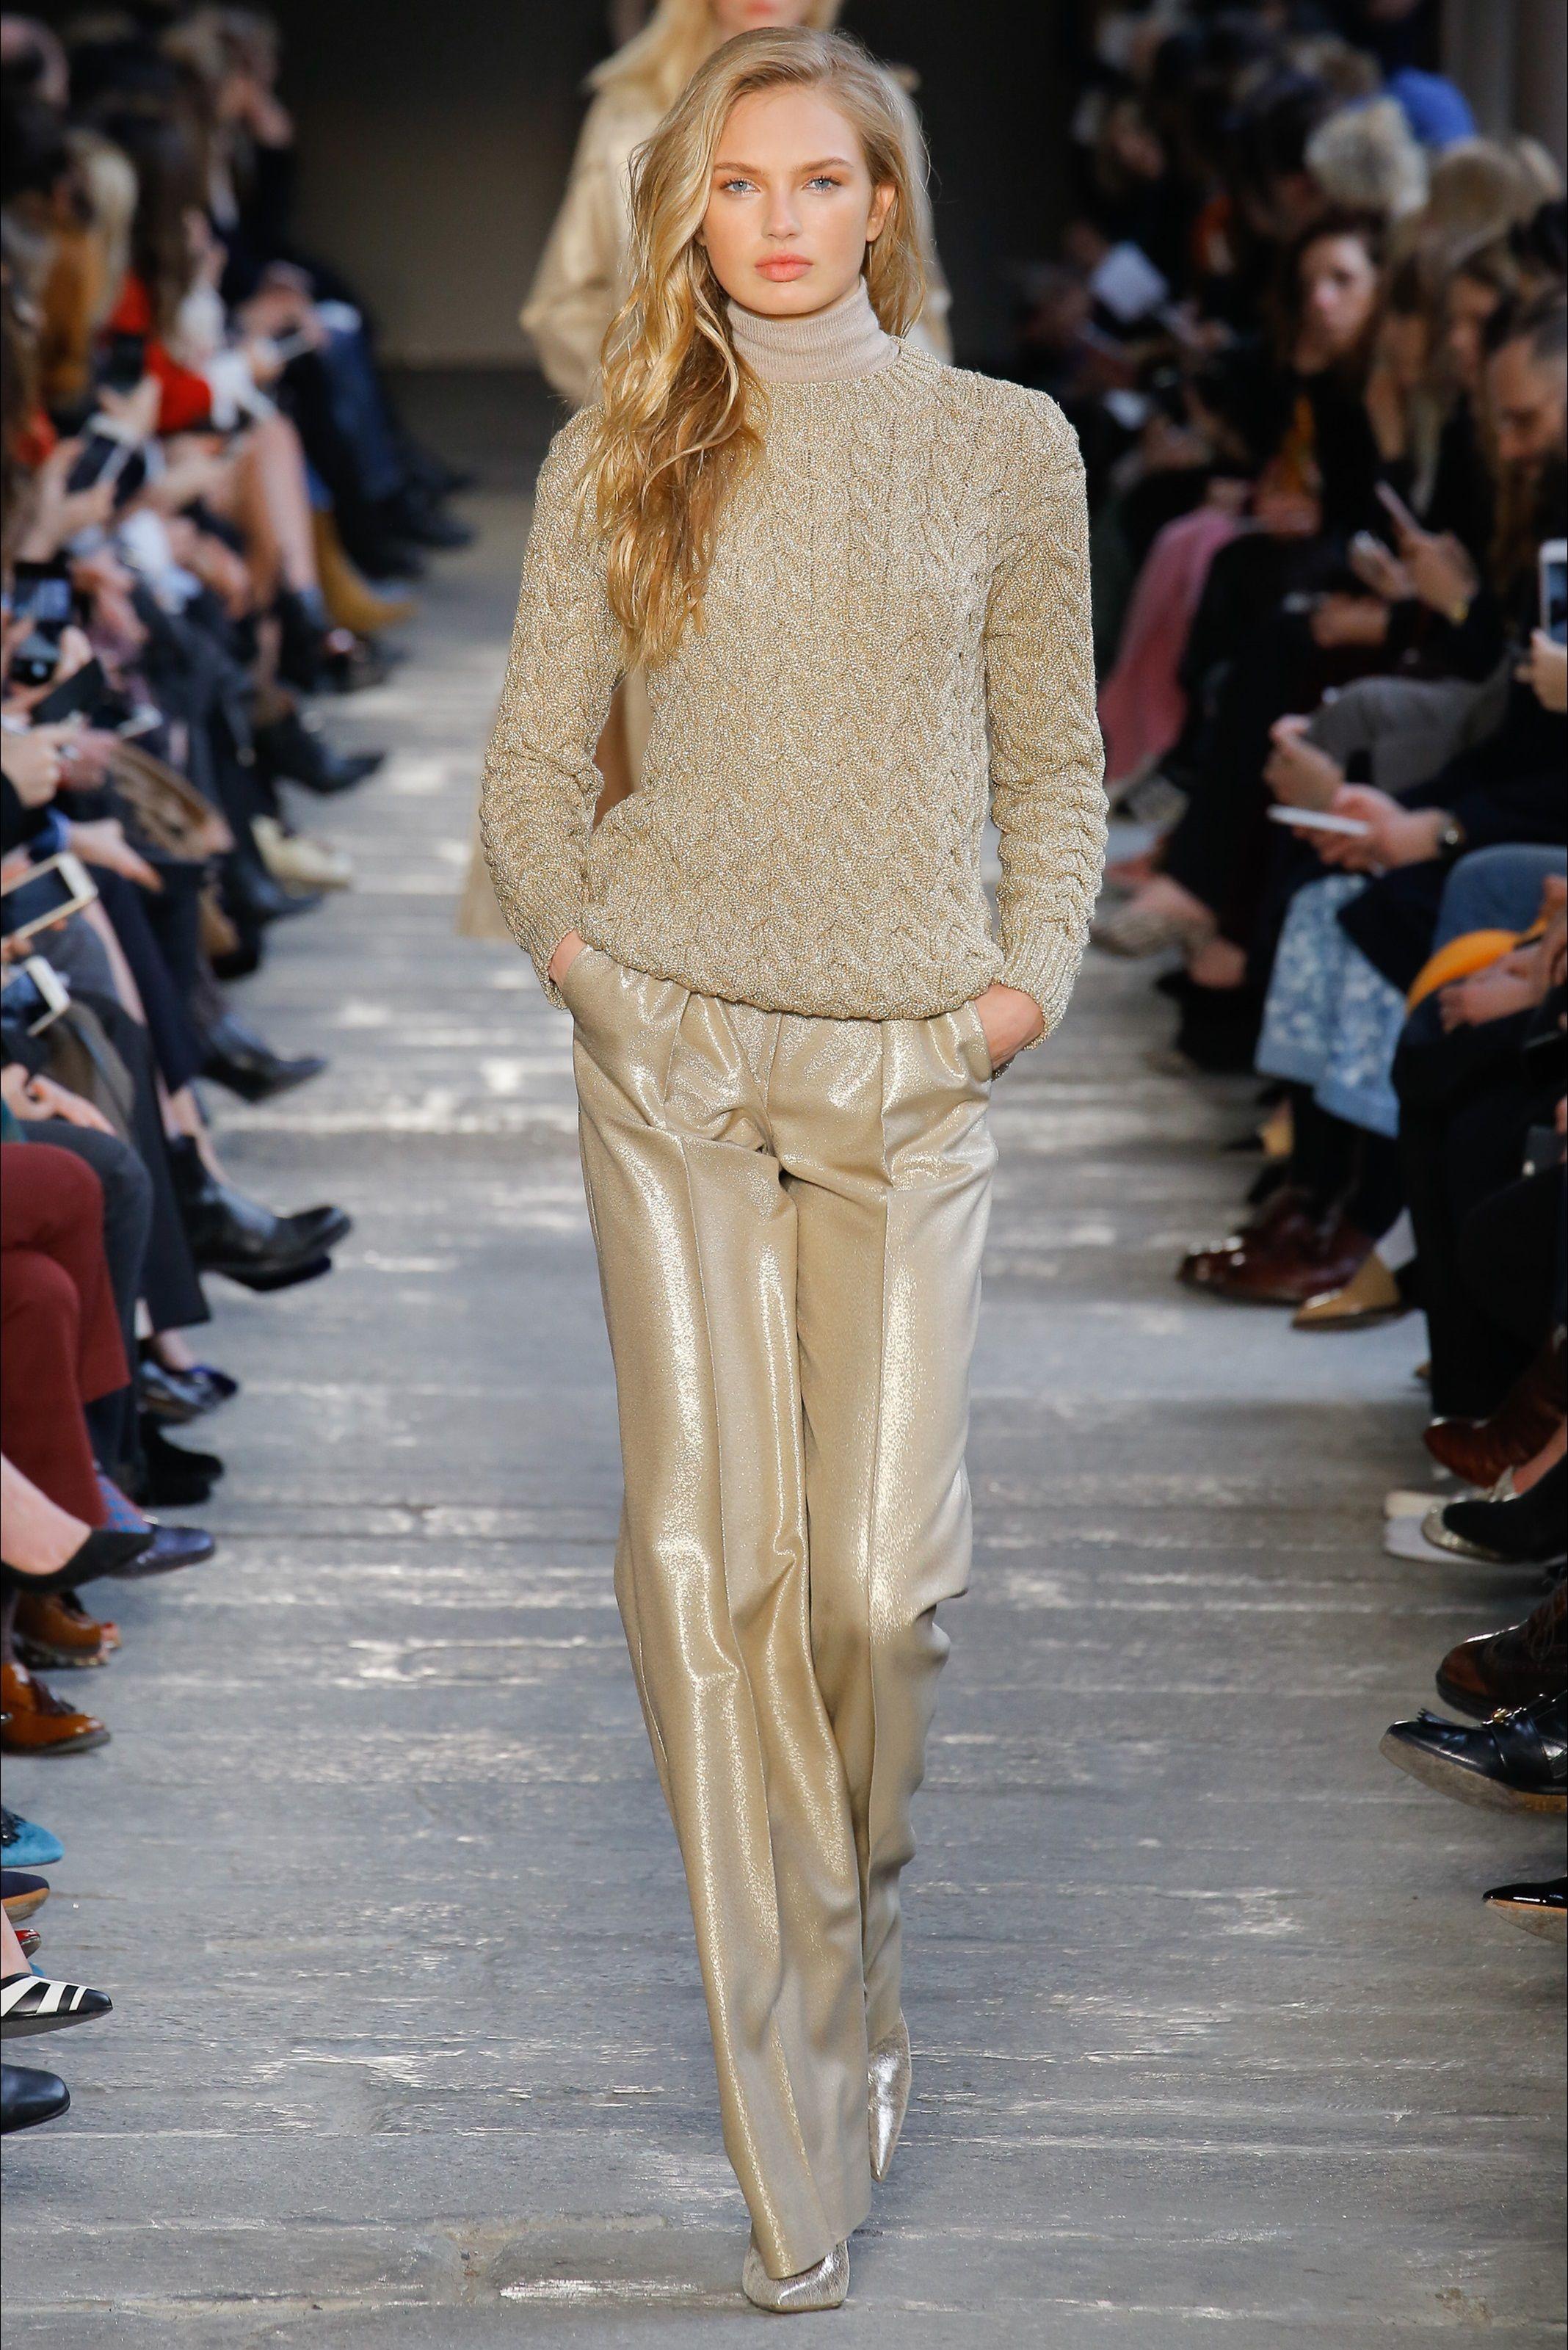 78de40e2a536 Guarda la sfilata di moda Max Mara a Milano e scopri la collezione di abiti  e accessori per la stagione Collezioni Autunno Inverno 2017-18.